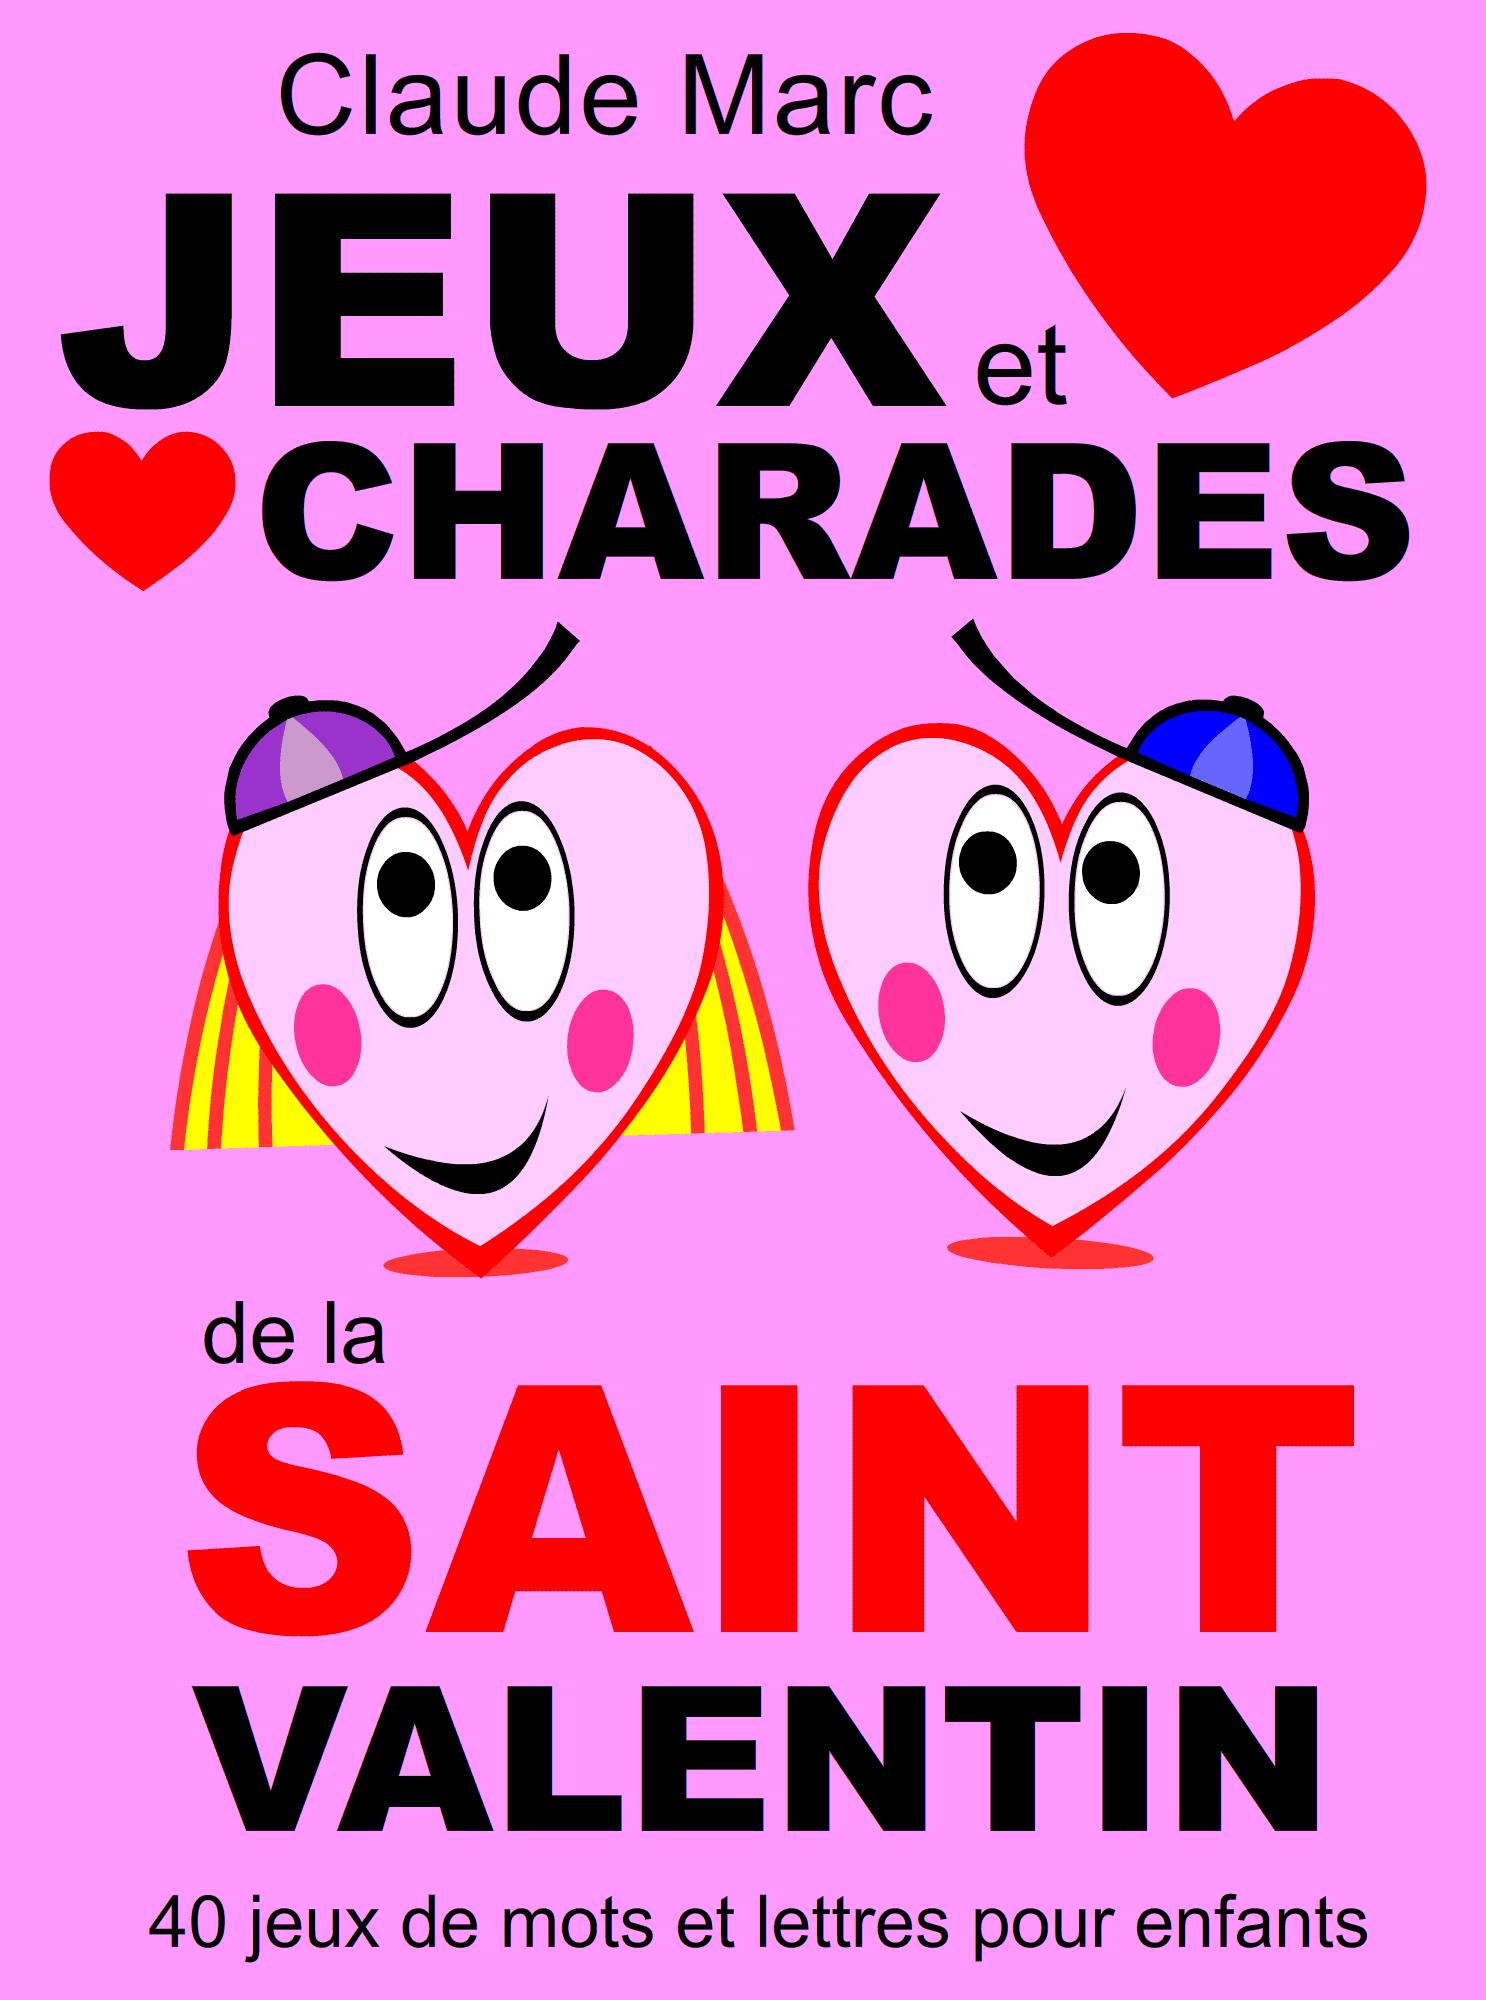 Jeux Et Charades De La Saint Valentin pour Jeux De Mots Pour Enfants